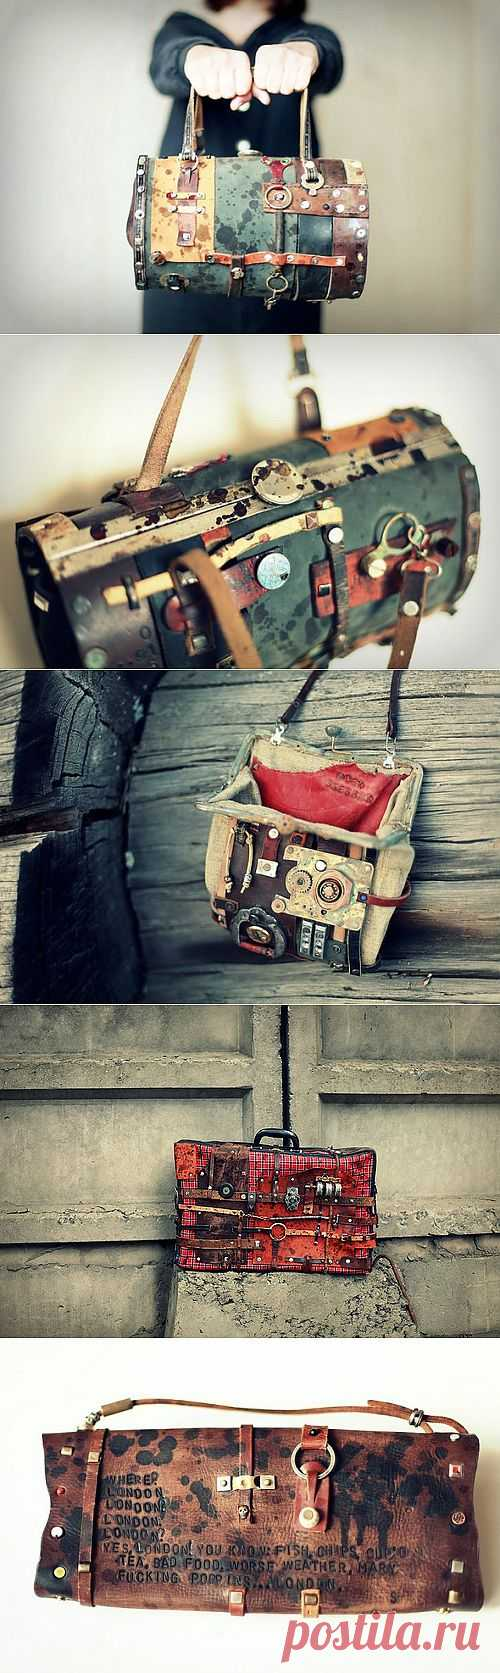 Сумки от Homeless bros (трафик) / Сумки, клатчи, чемоданы / Модный сайт о стильной переделке одежды и интерьера